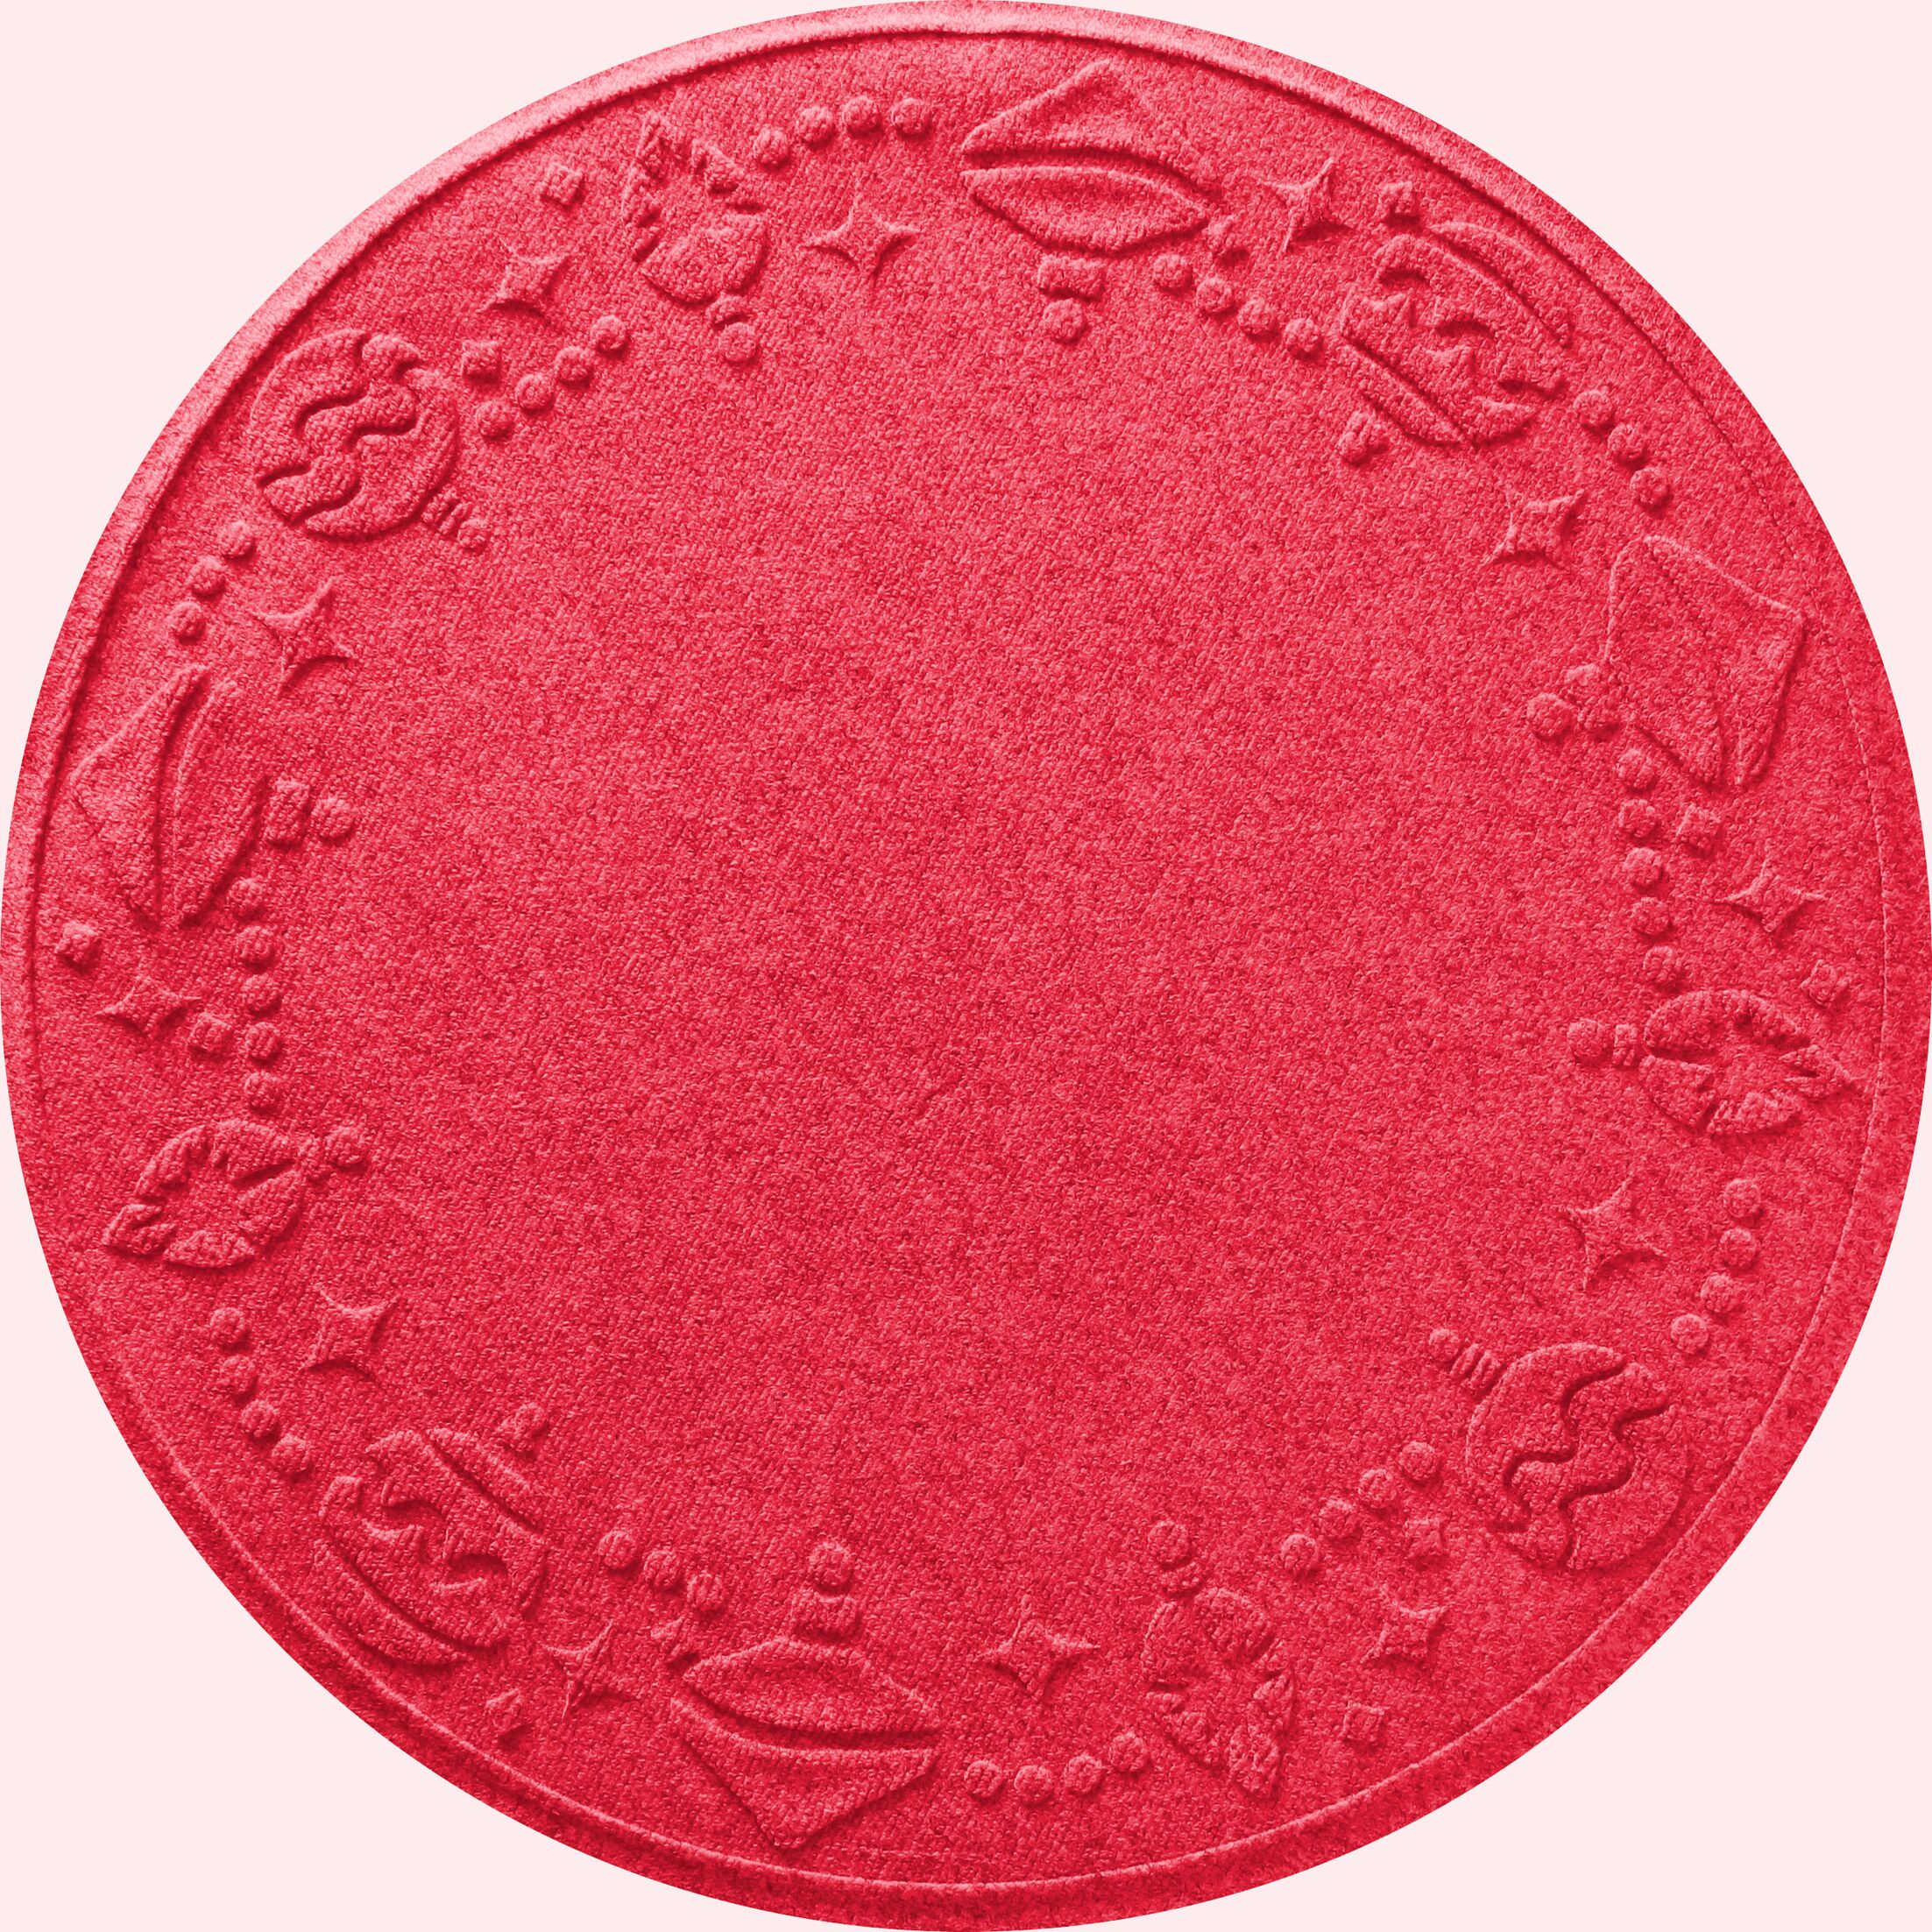 Ornaments Doormat Color: Solid Red